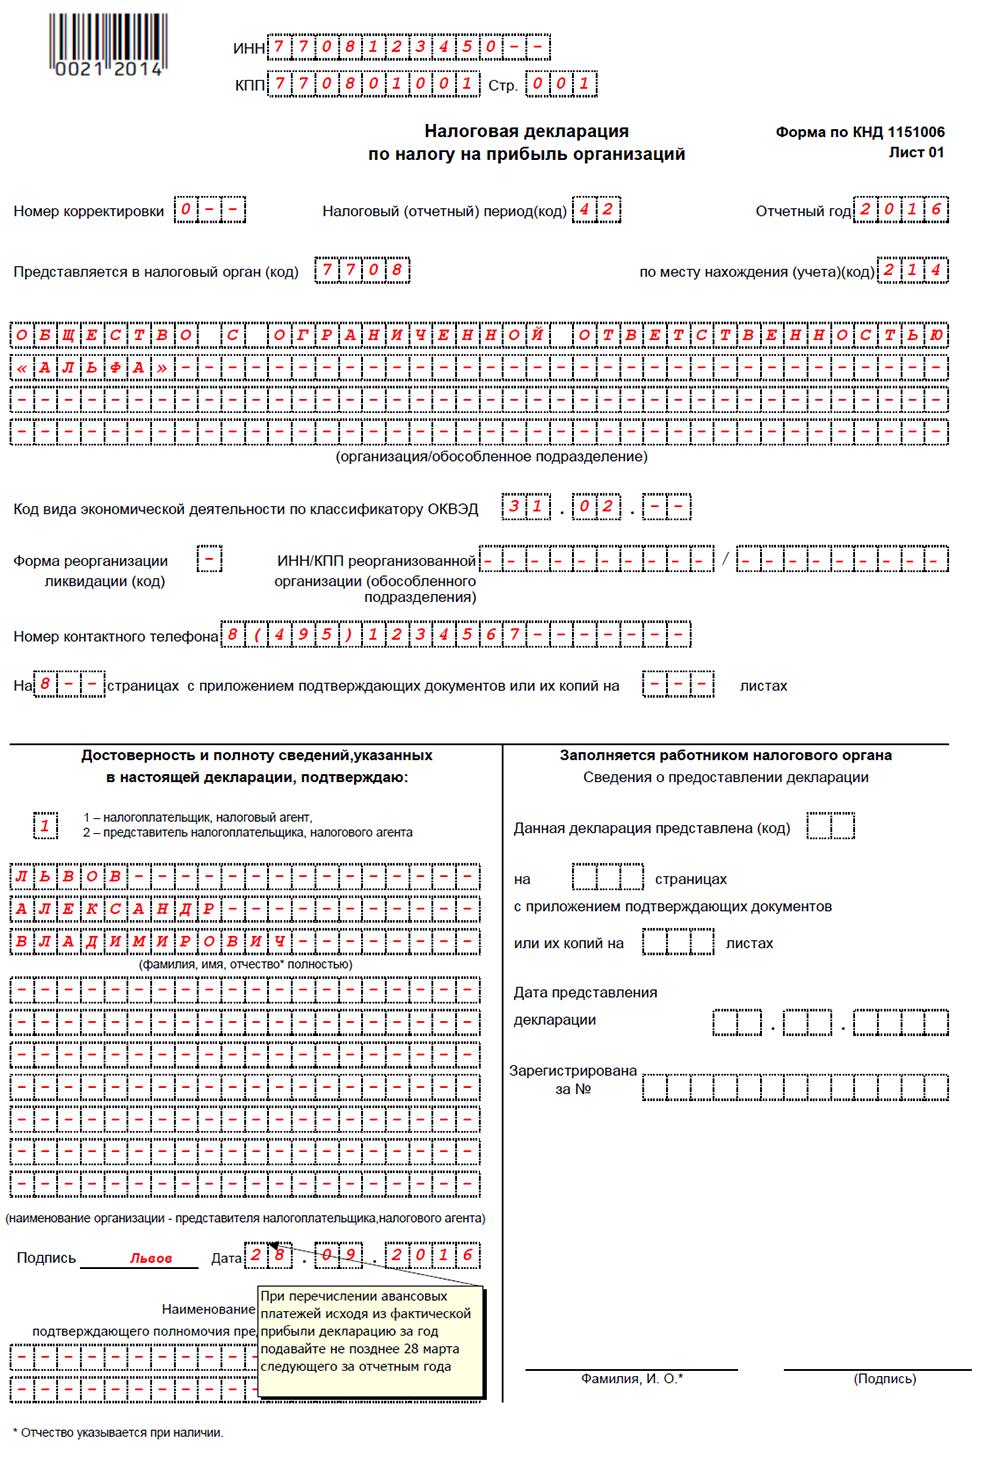 бланк декларации налога на прибыль 2011 год